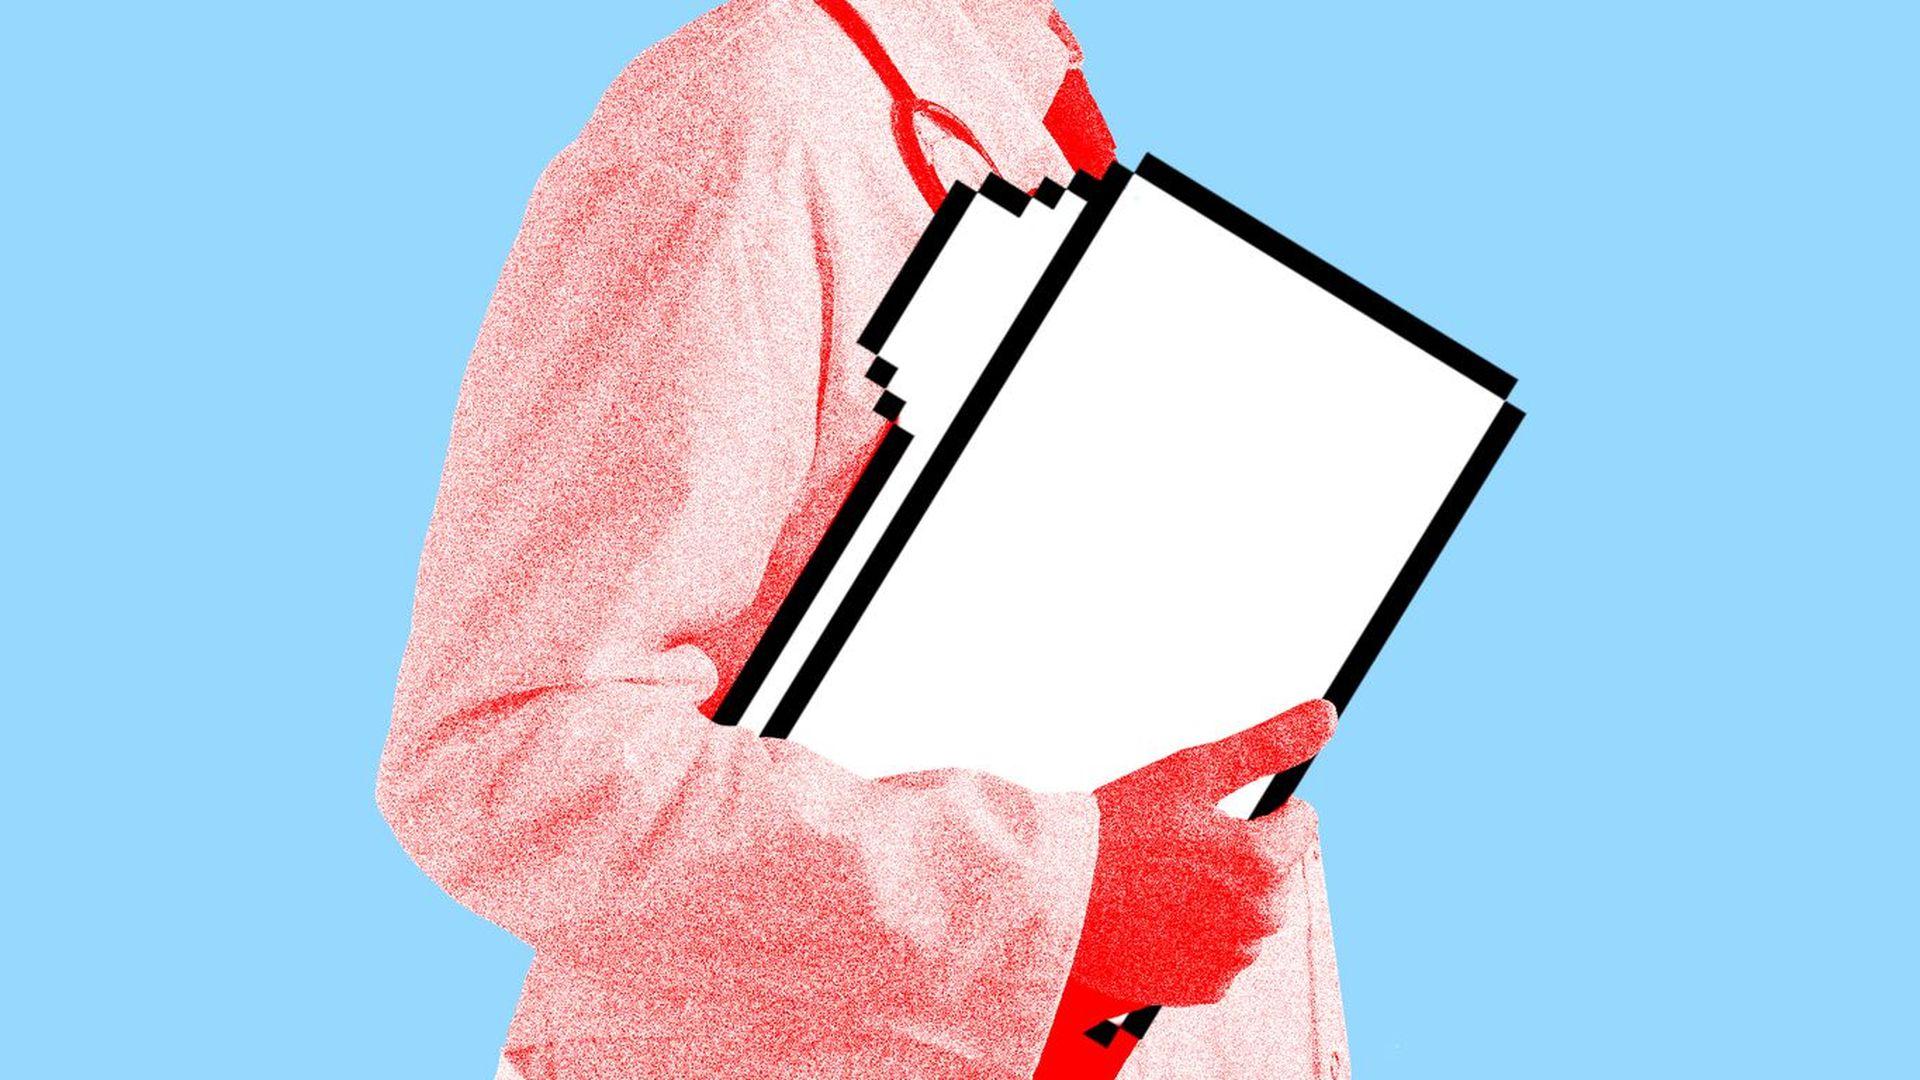 Online medicine site Hims nabs former Lyft marketing